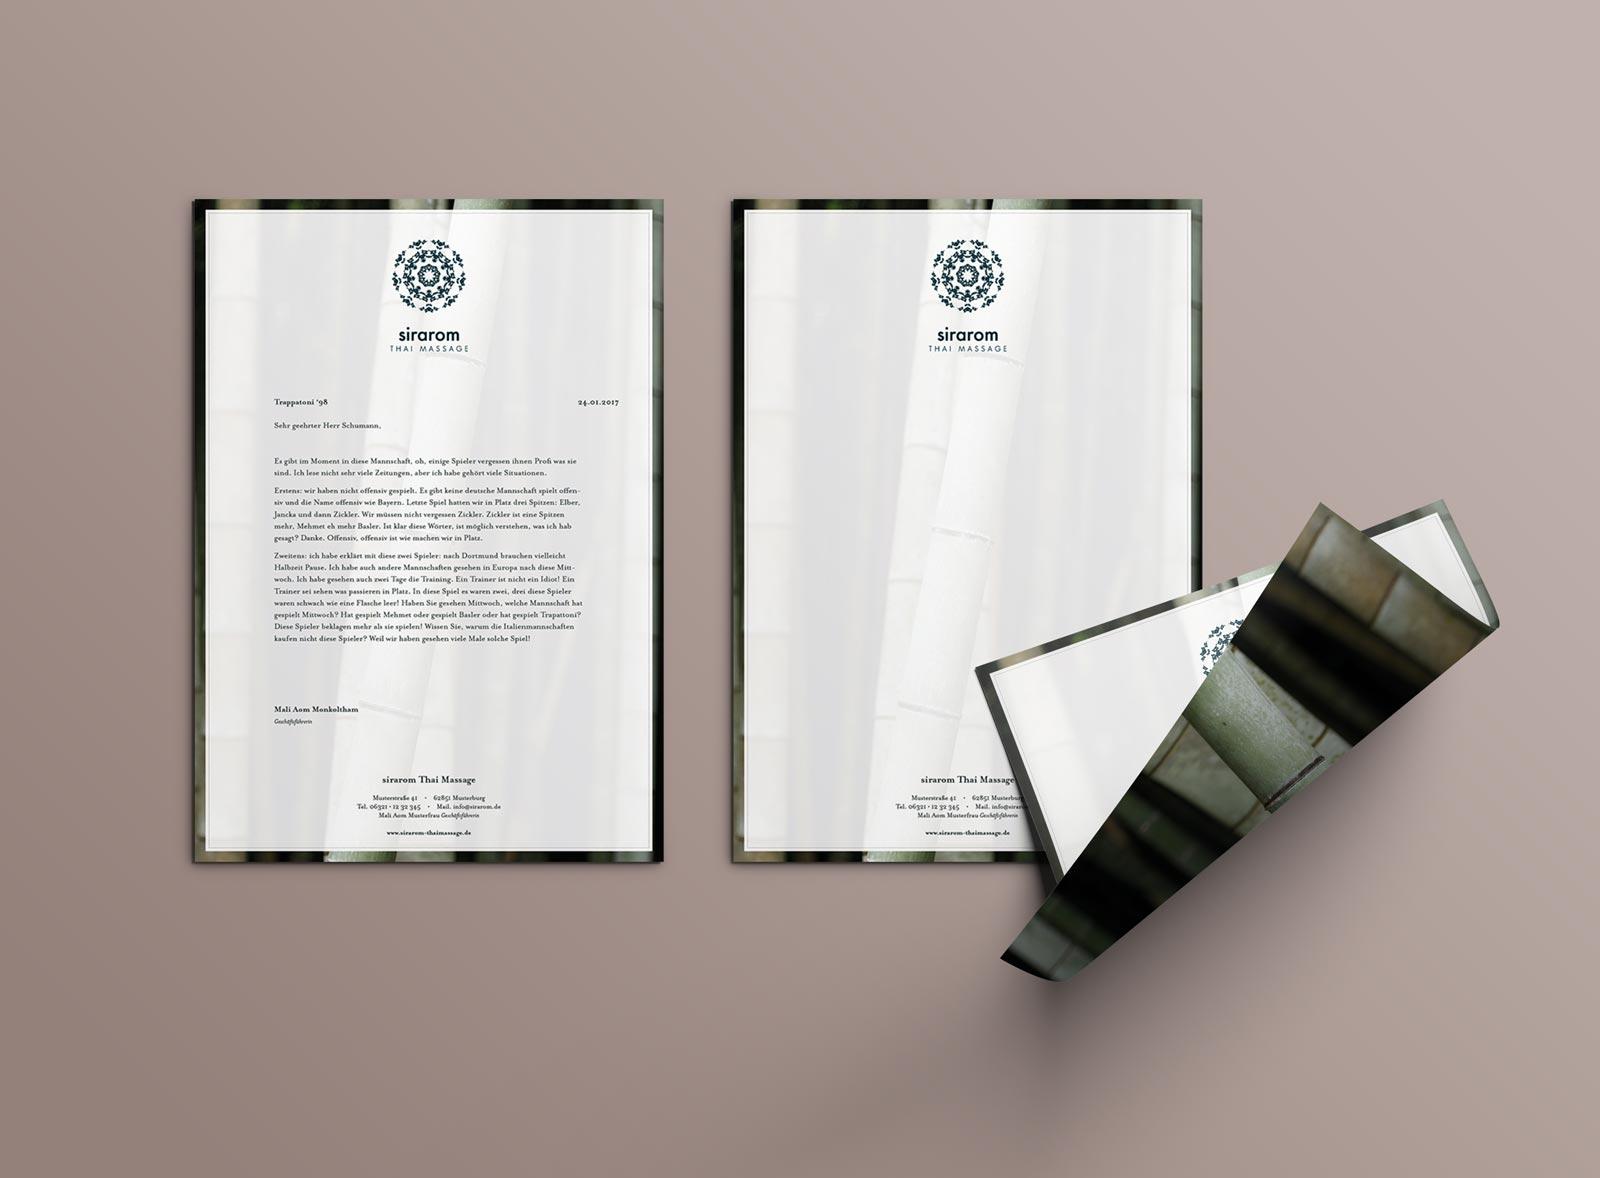 sirarom Thai Massage Corporate Design Geschäftsausstattung Briefbogen Briefpapier Geschäftspapier Gesa Siebert Kommunikationsdesign